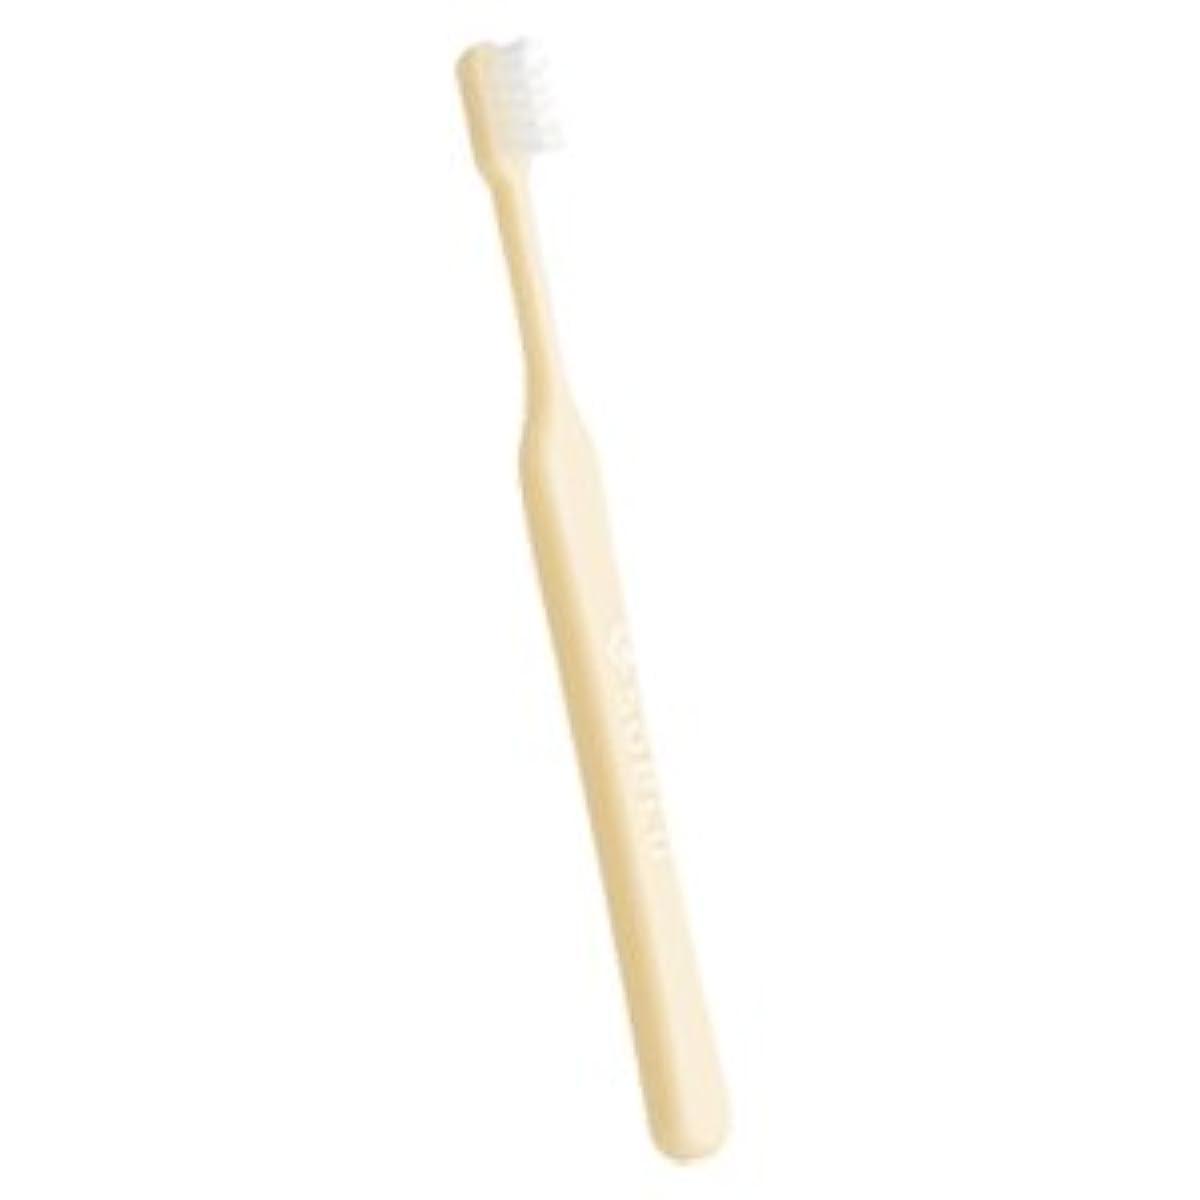 ピストル株式仮装soelu ソエル 歯ブラシ チャイルド(3から7歳) 1本 やわらかめ(S) パステルイエロー